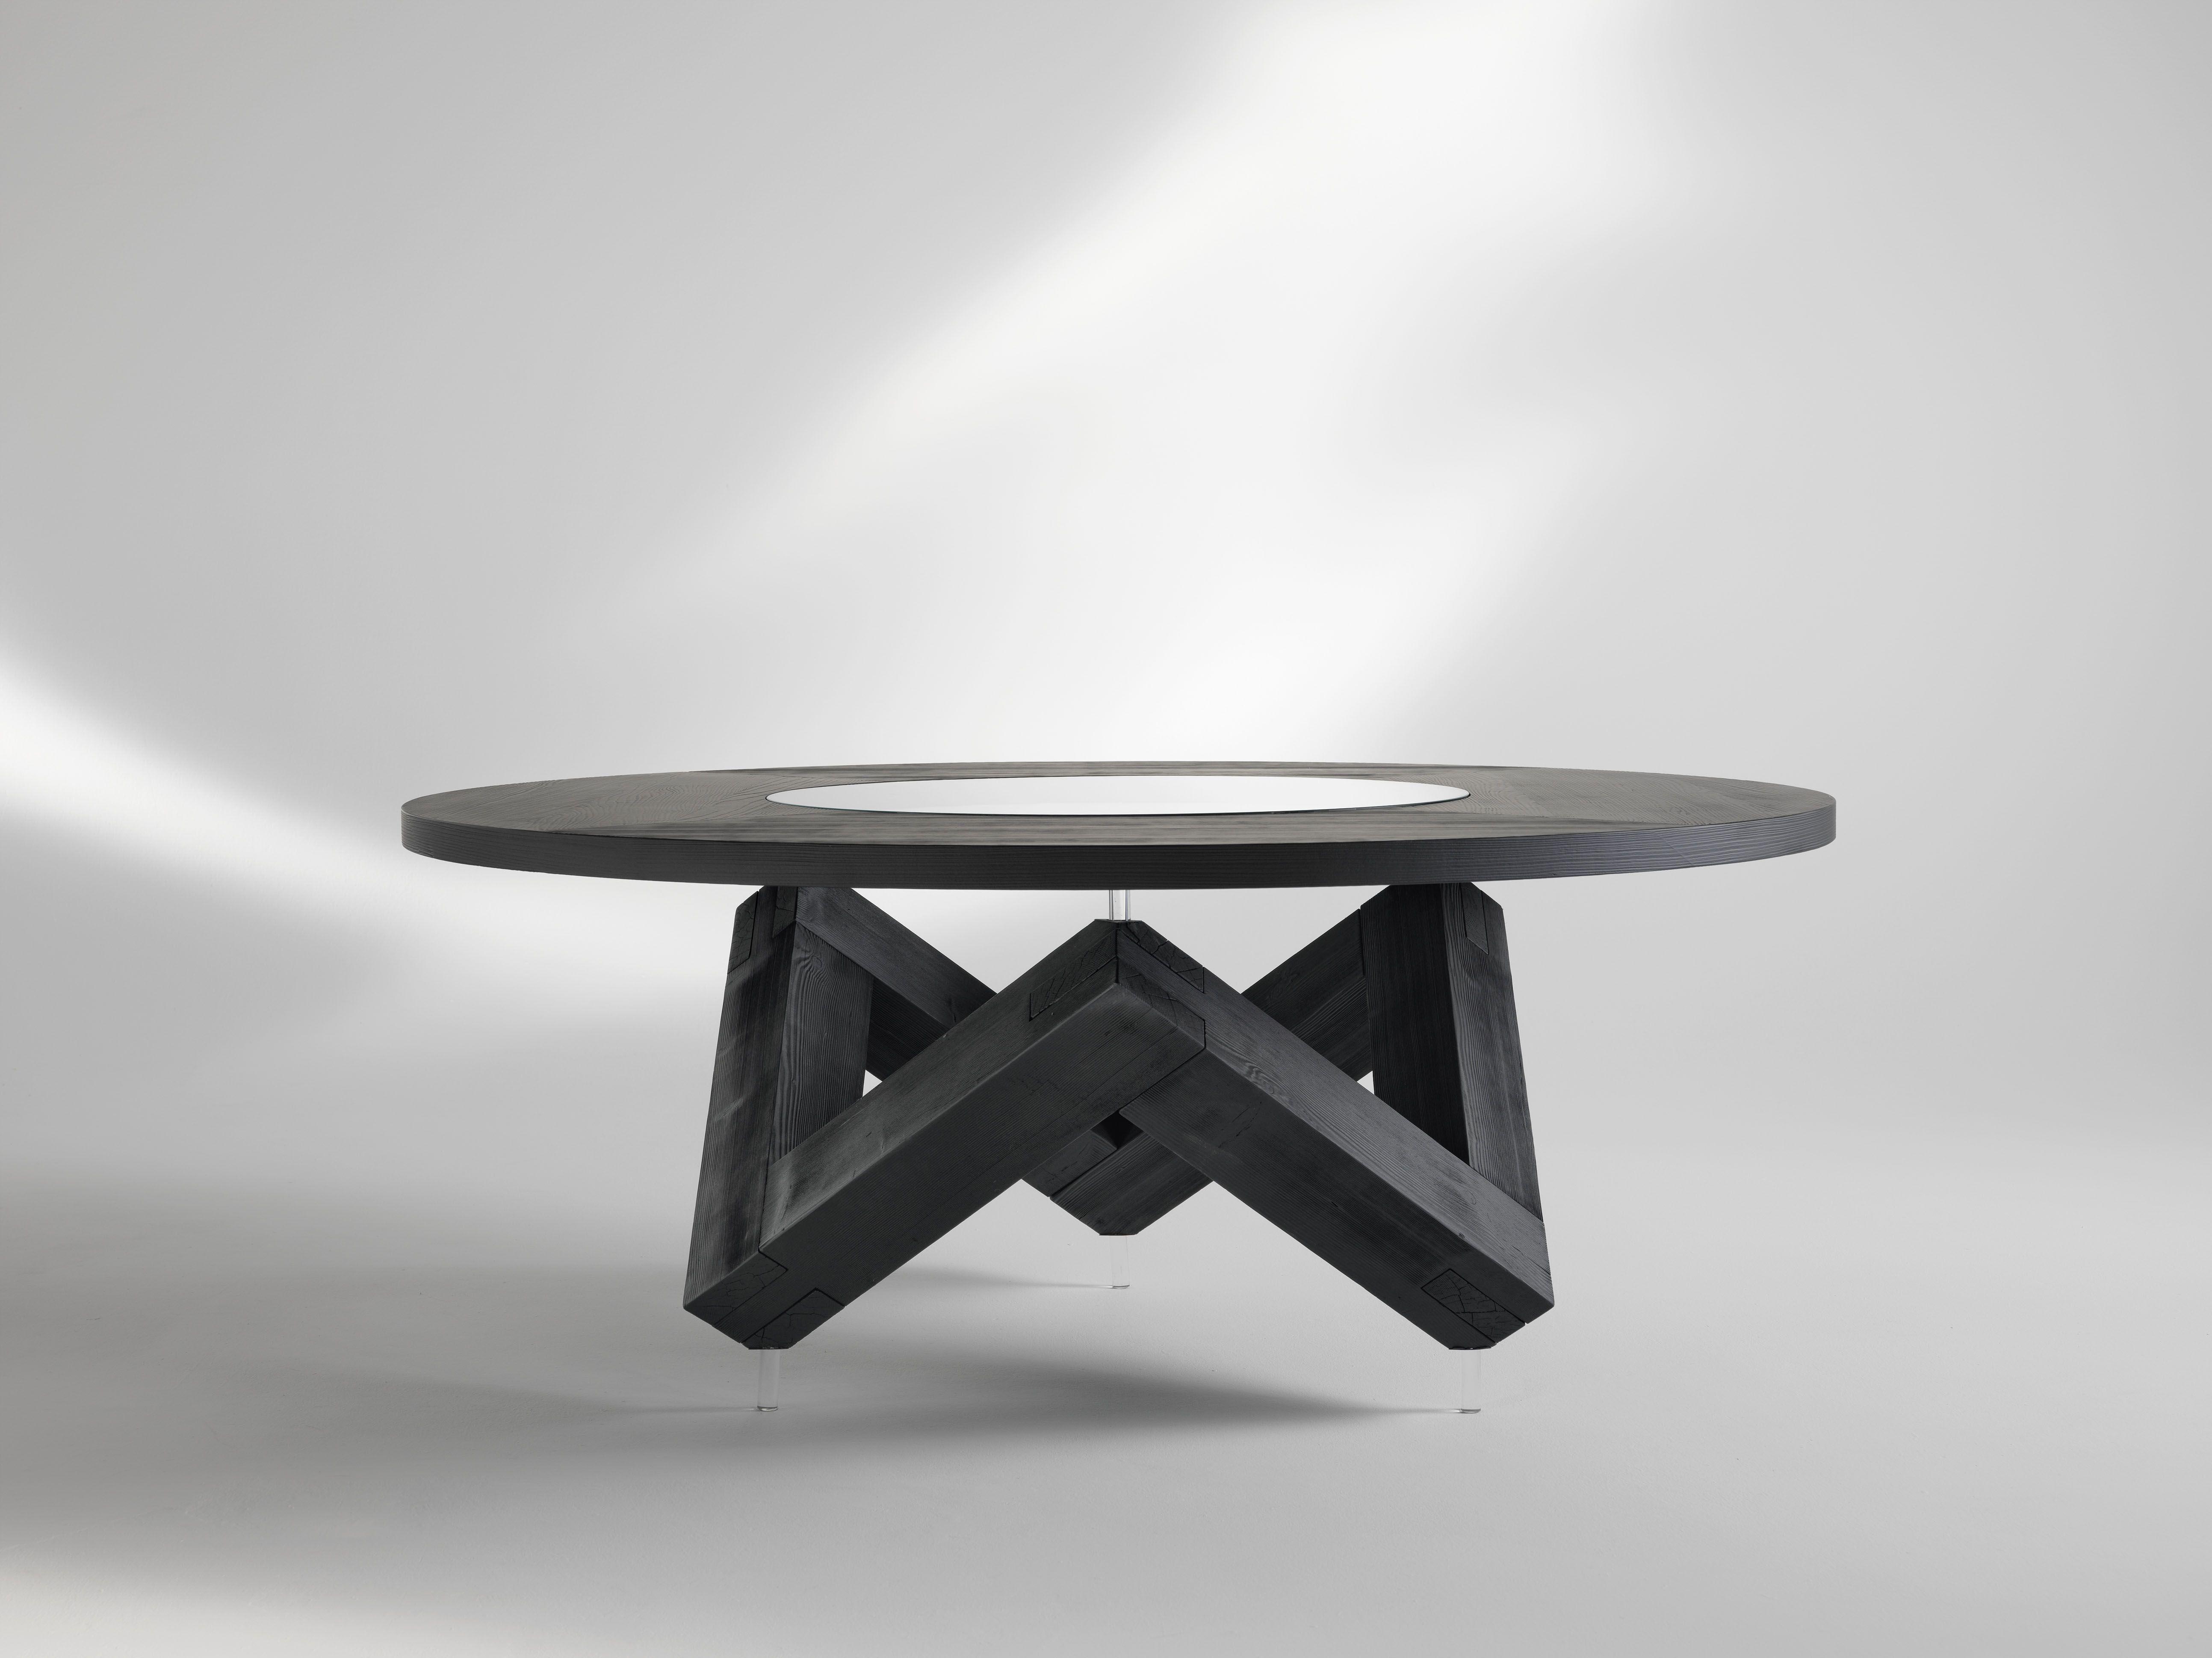 Tavolo Trasformabile ~ Tavolo trasformabile e regolabile in altezza ripiano rettangolare